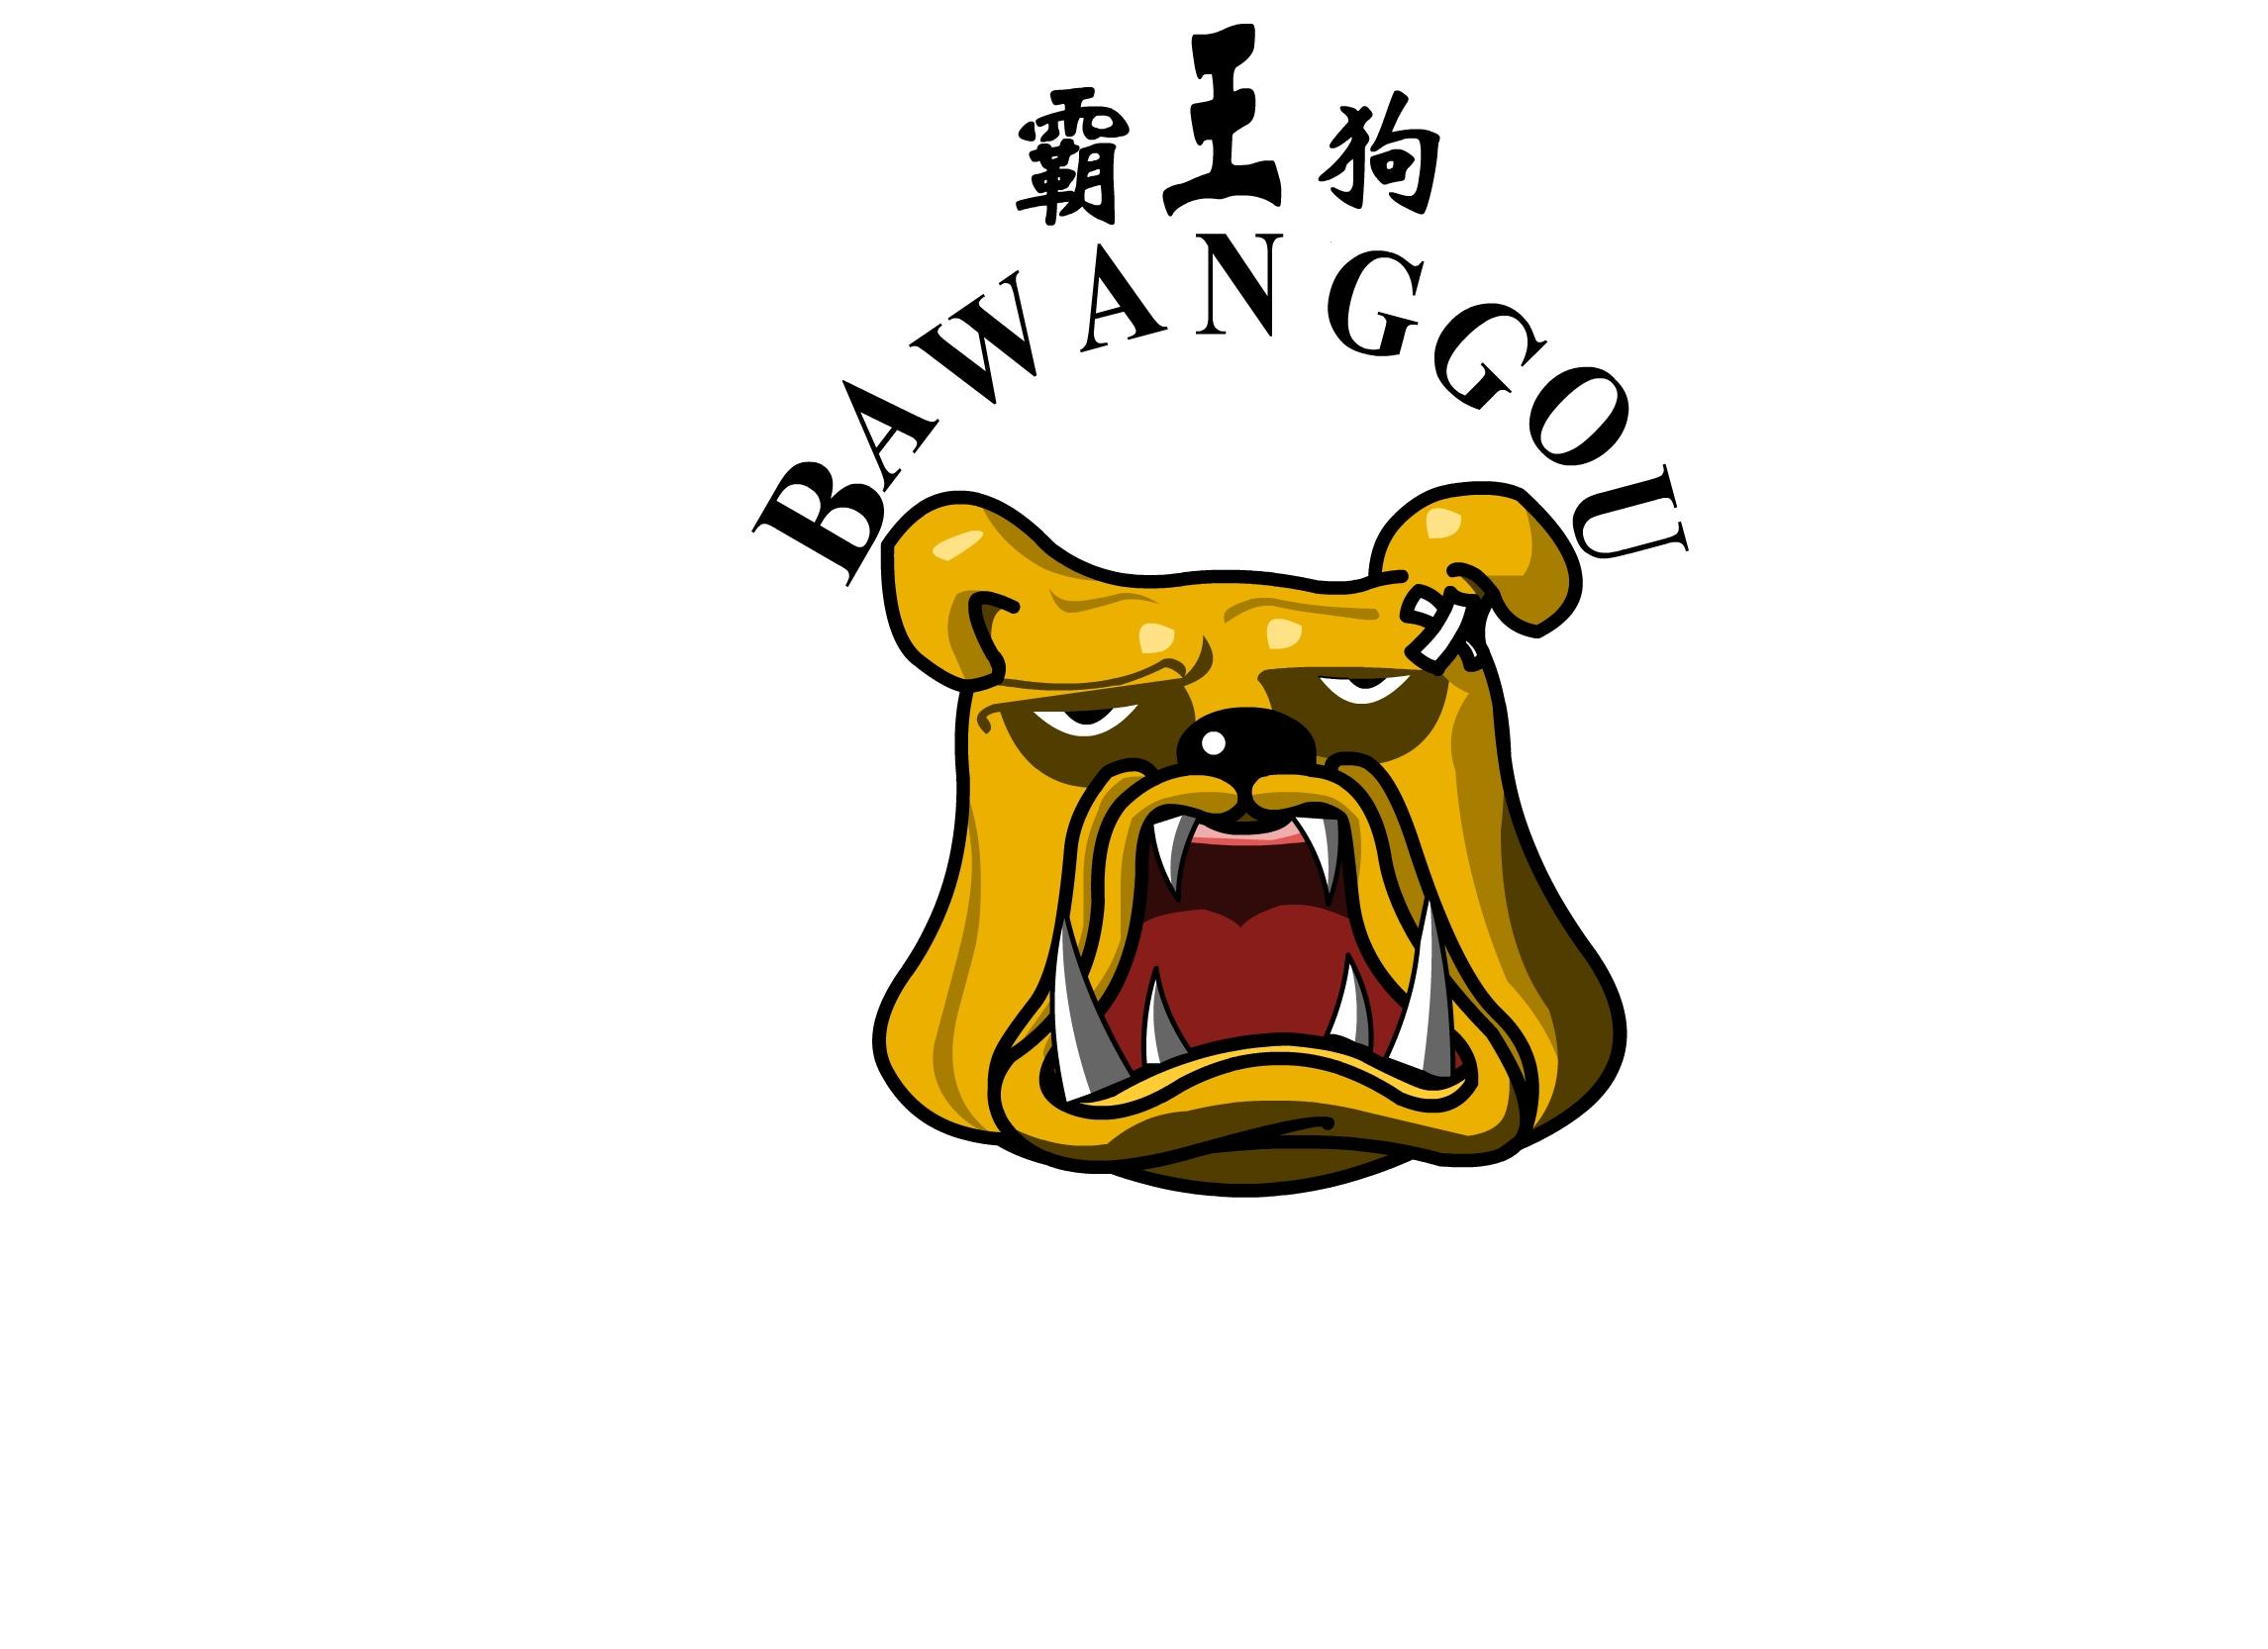 卡通logo设计_300元_k68威客任务